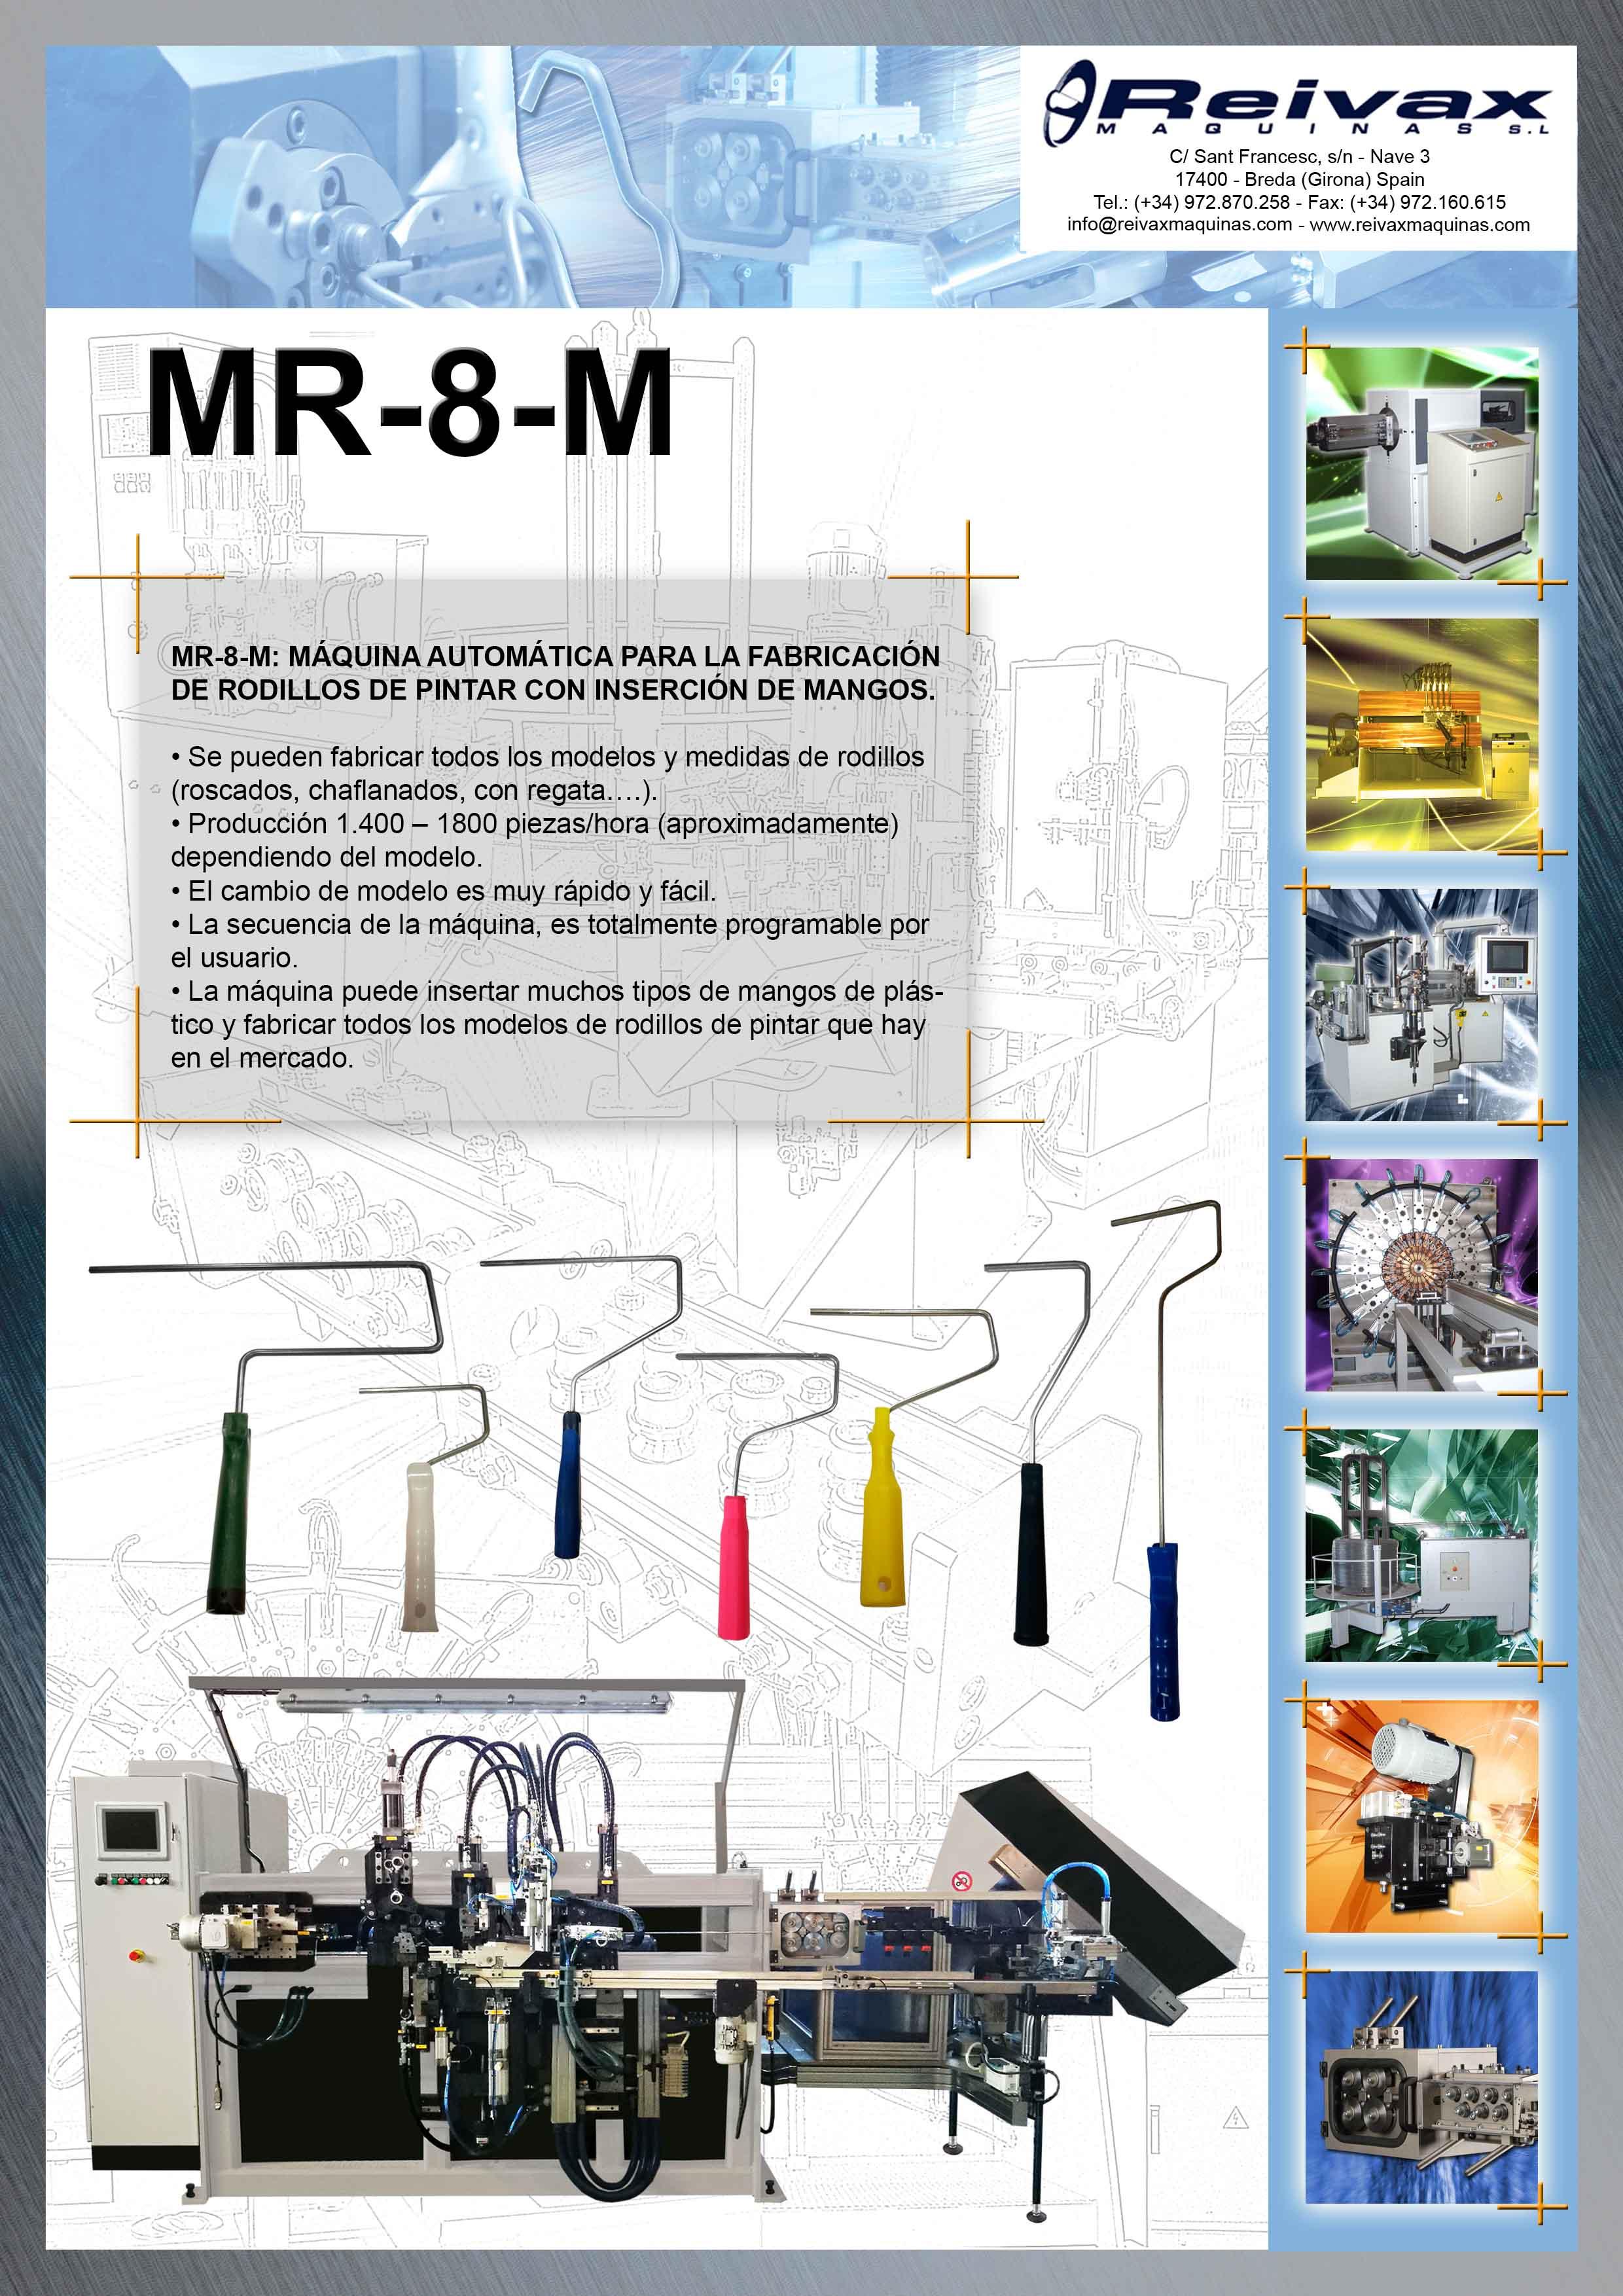 ReivaxMaquinas: Ficha Técnica MR-8-M - Maquina Rodillos de Pintar